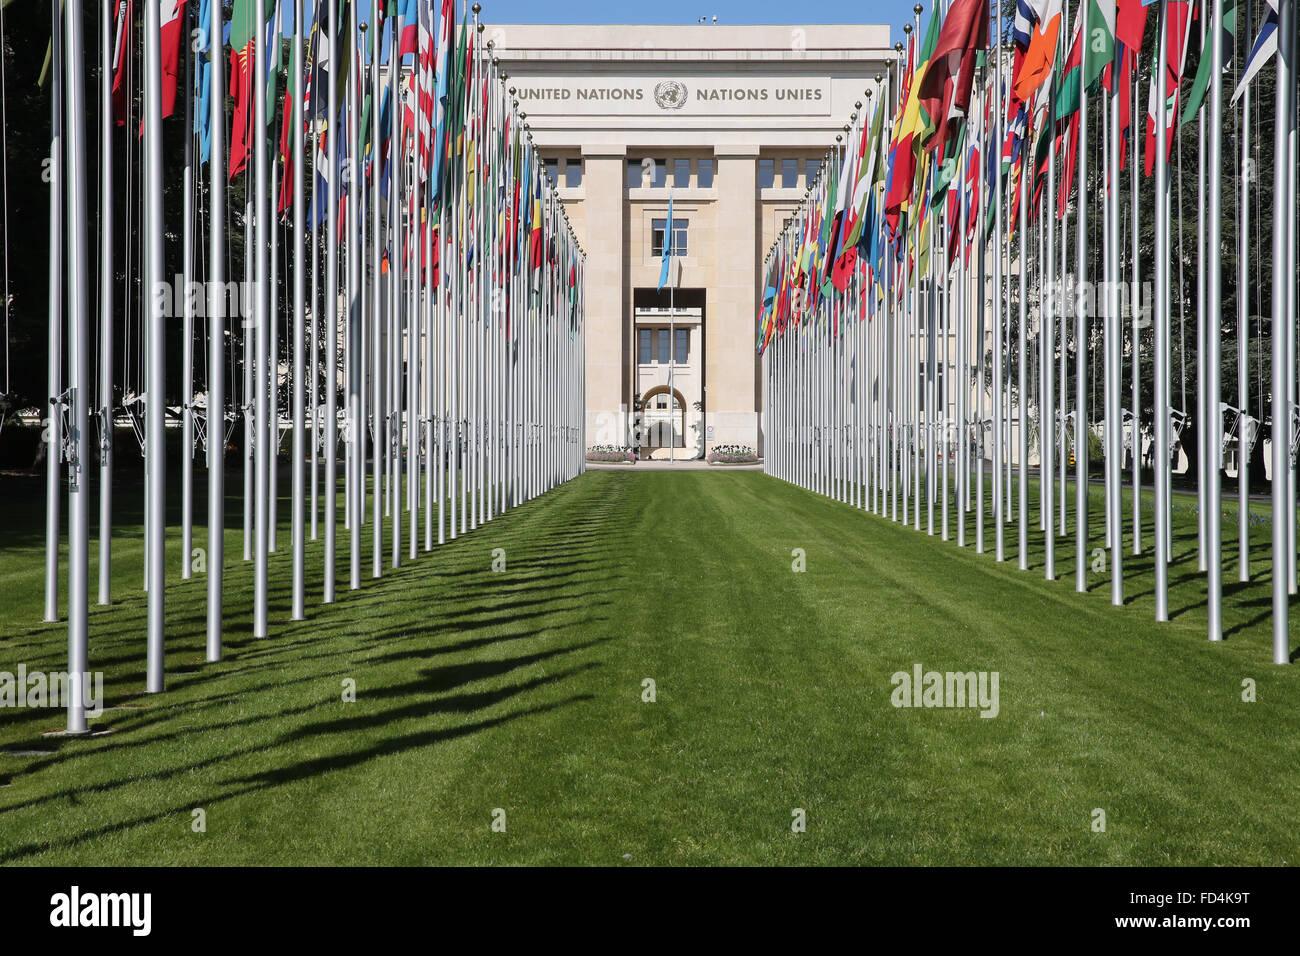 Bandiera rivestita approccio all'ingresso per le Nazioni Unite hanno sede a Ginevra. Immagini Stock